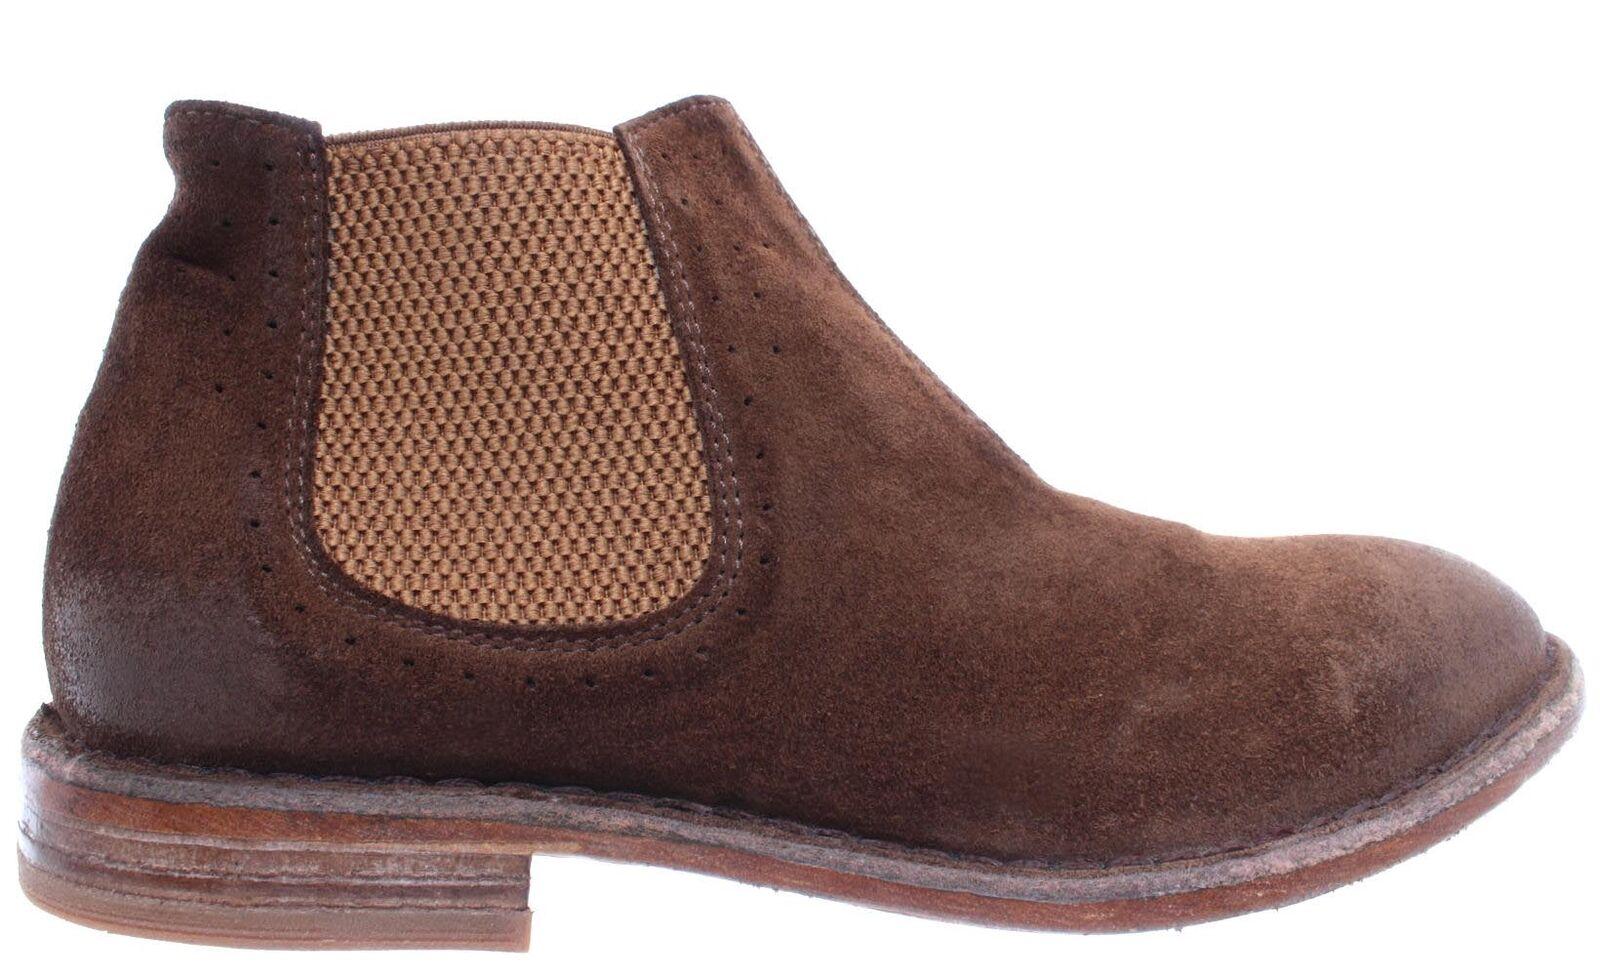 Moma zapatos señora botines 35803-y2 de gamuza marrón NUEVO